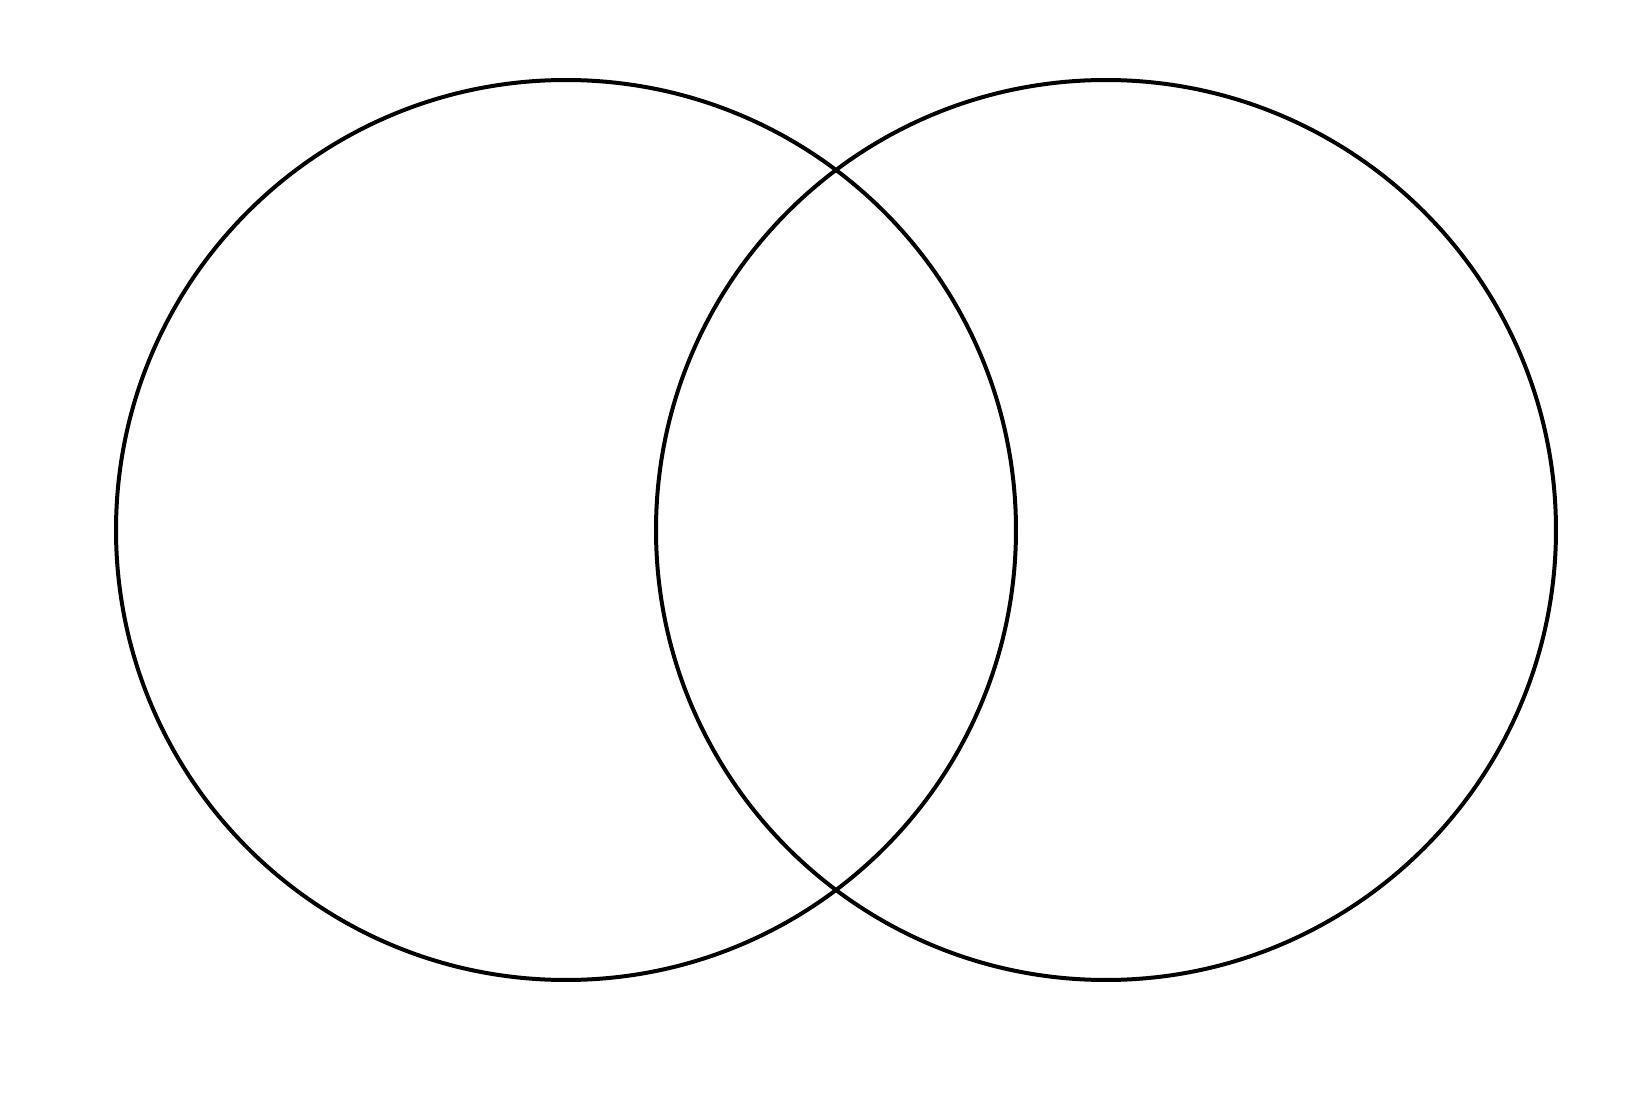 Venn Diagram Maker Online Venn Diagram Maker Lucidchart